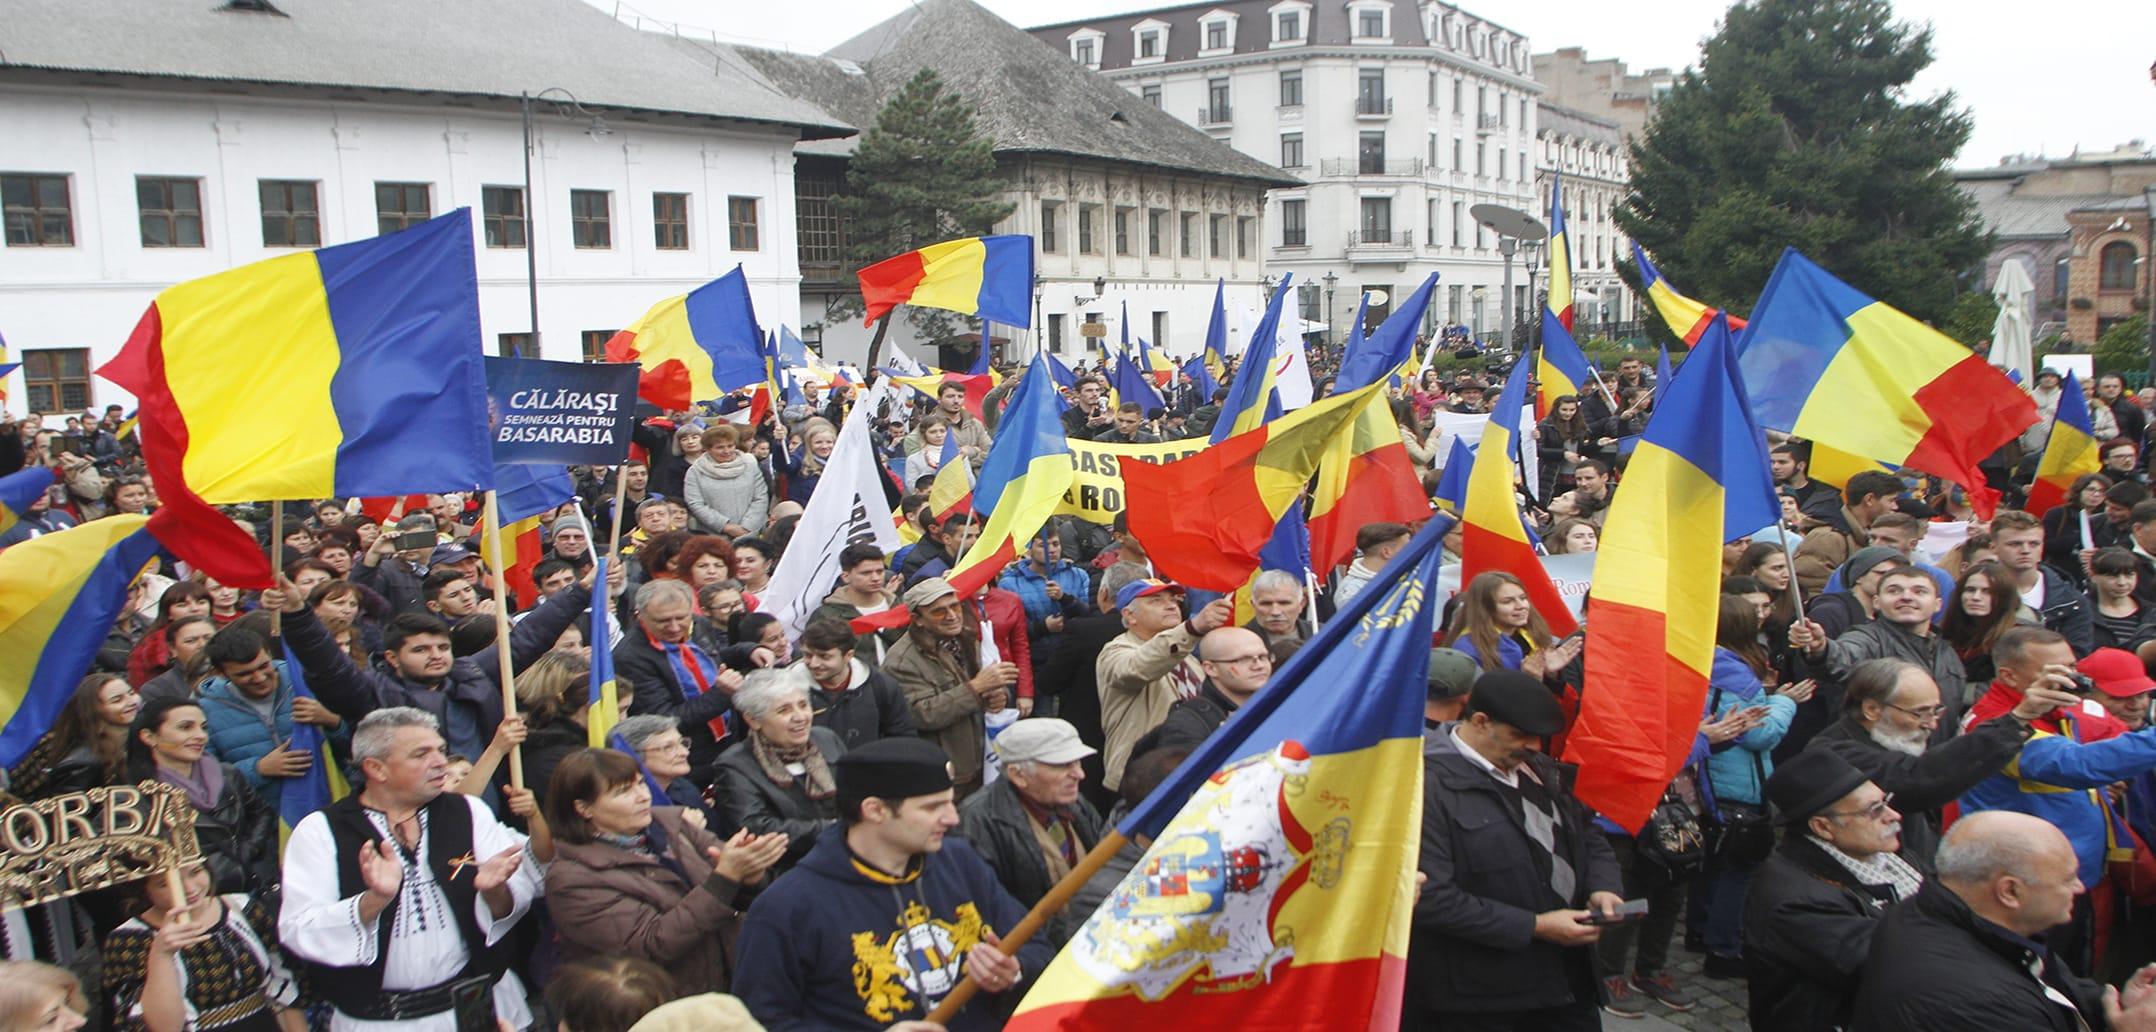 революция» в Молдове: оценка восемь лет спустя